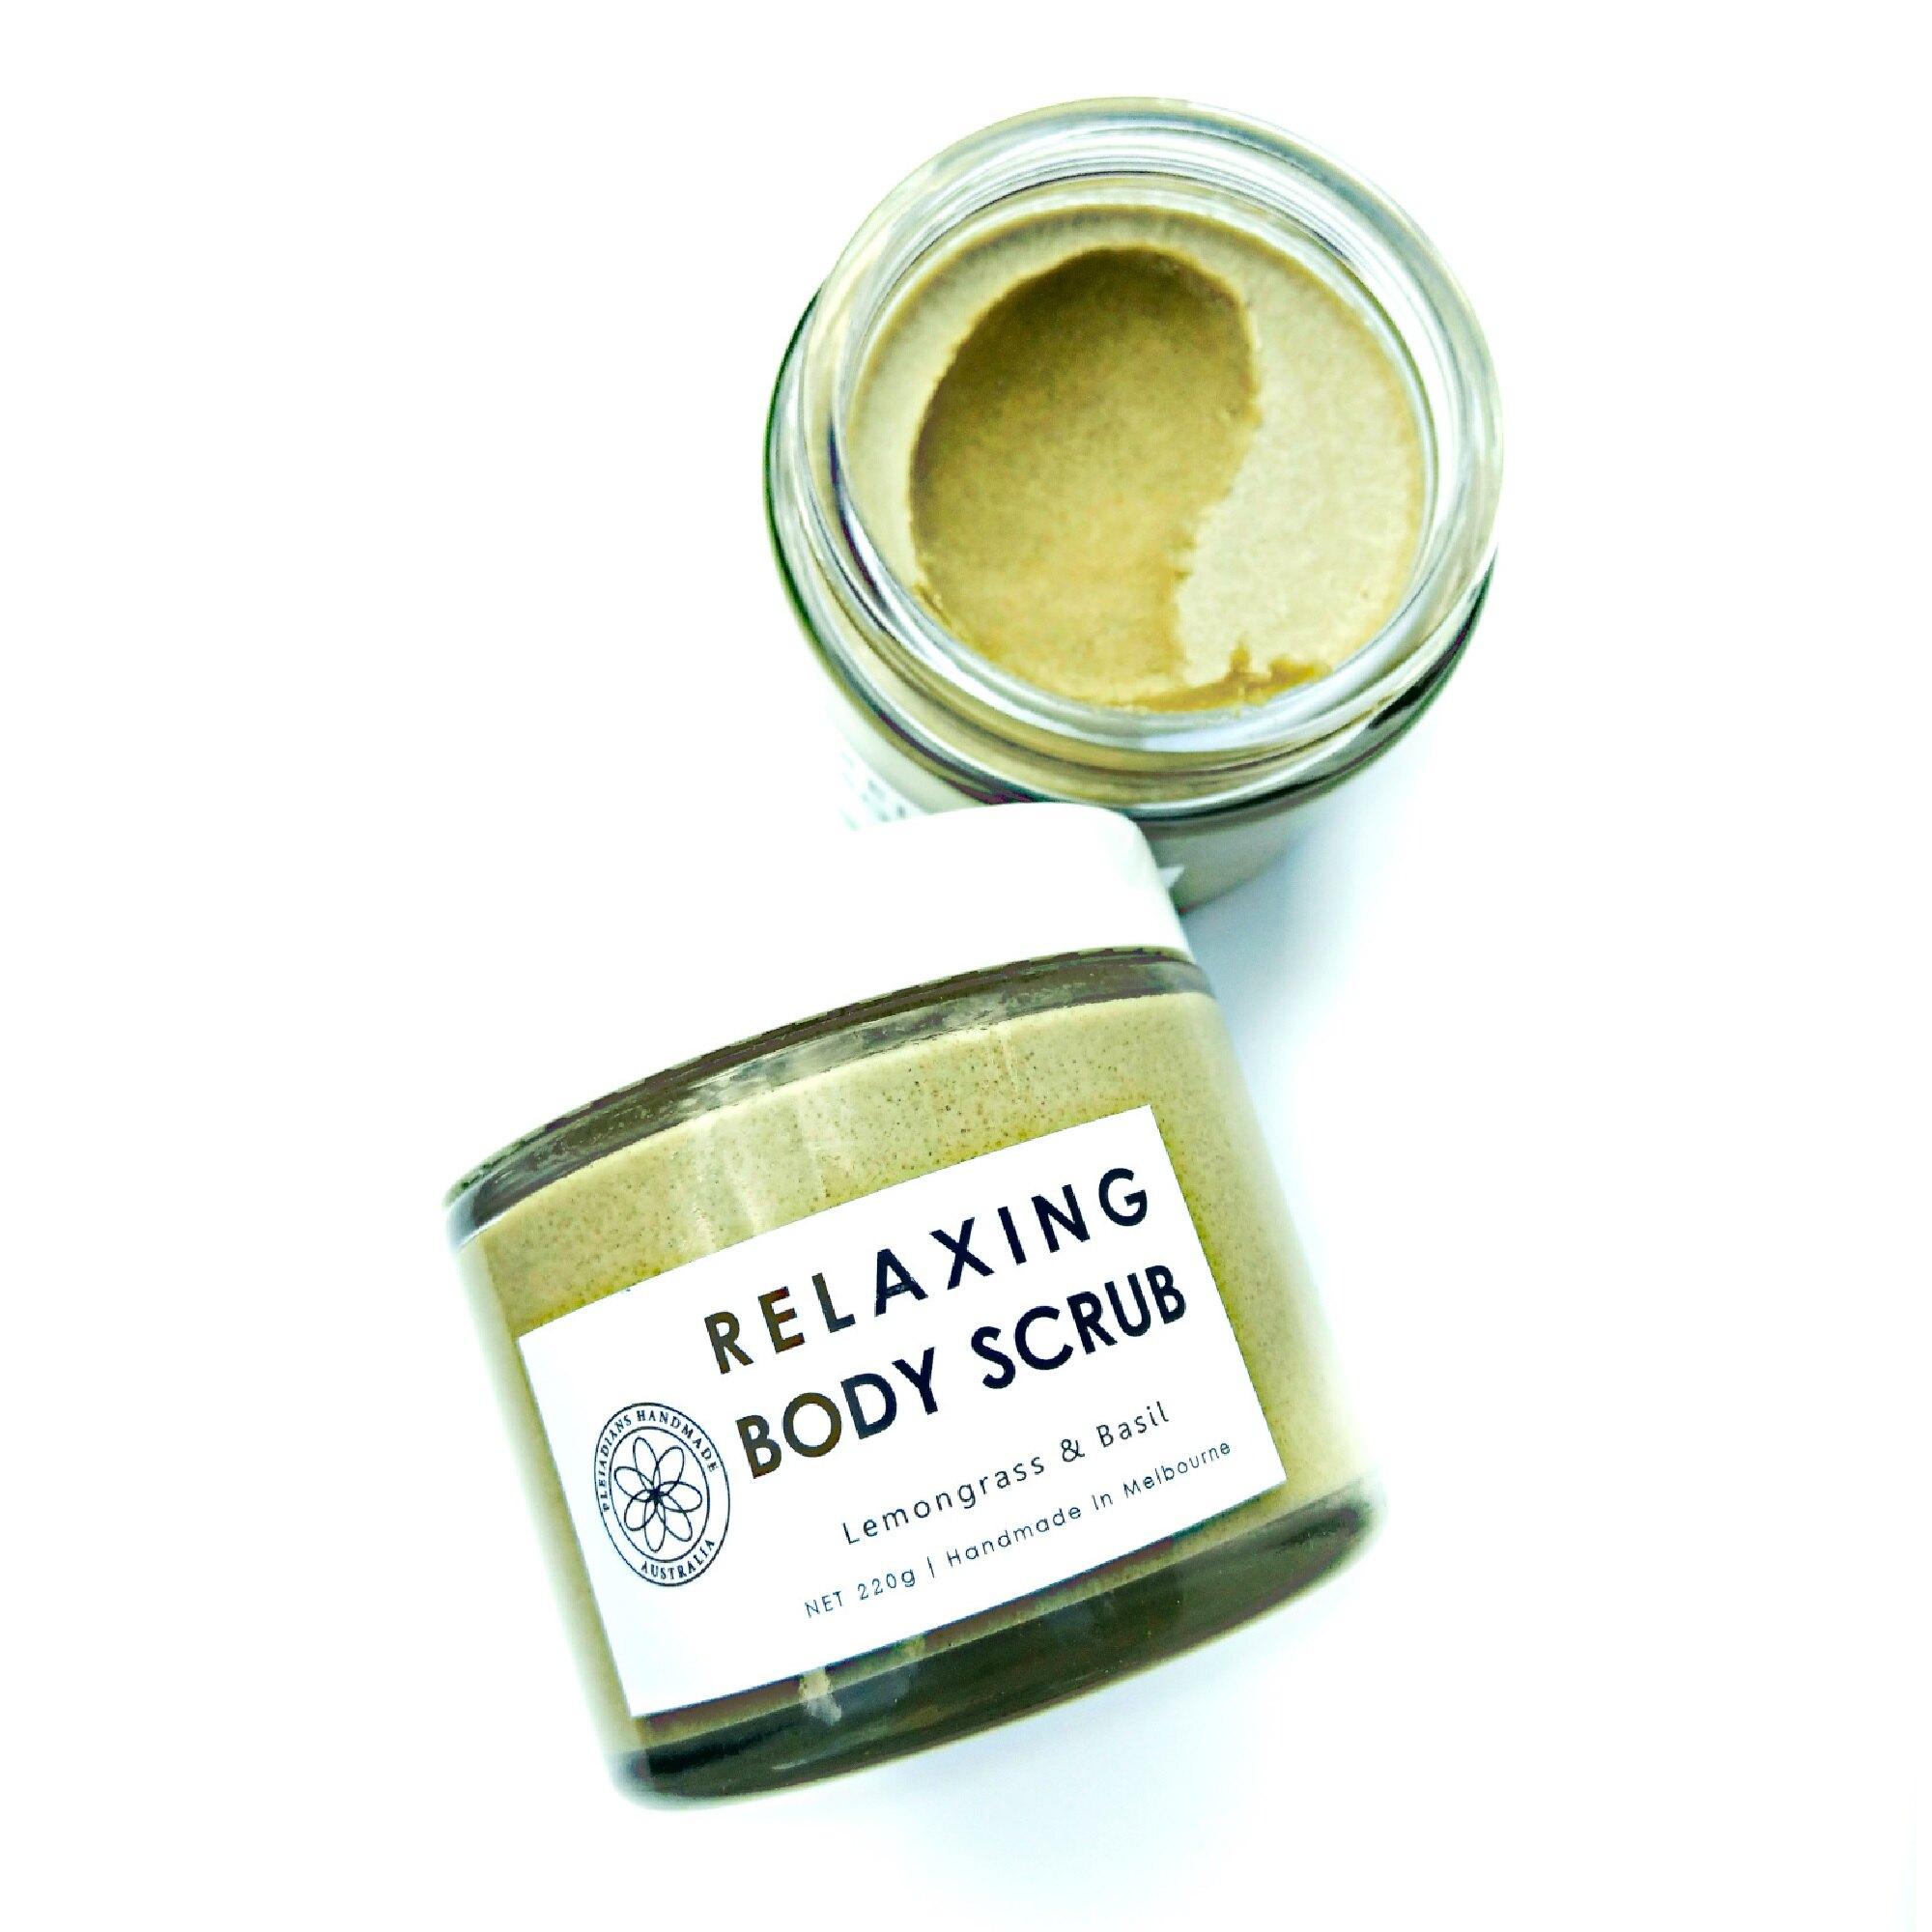 舒緩身體磨砂膏 Relaxing Body Scrub